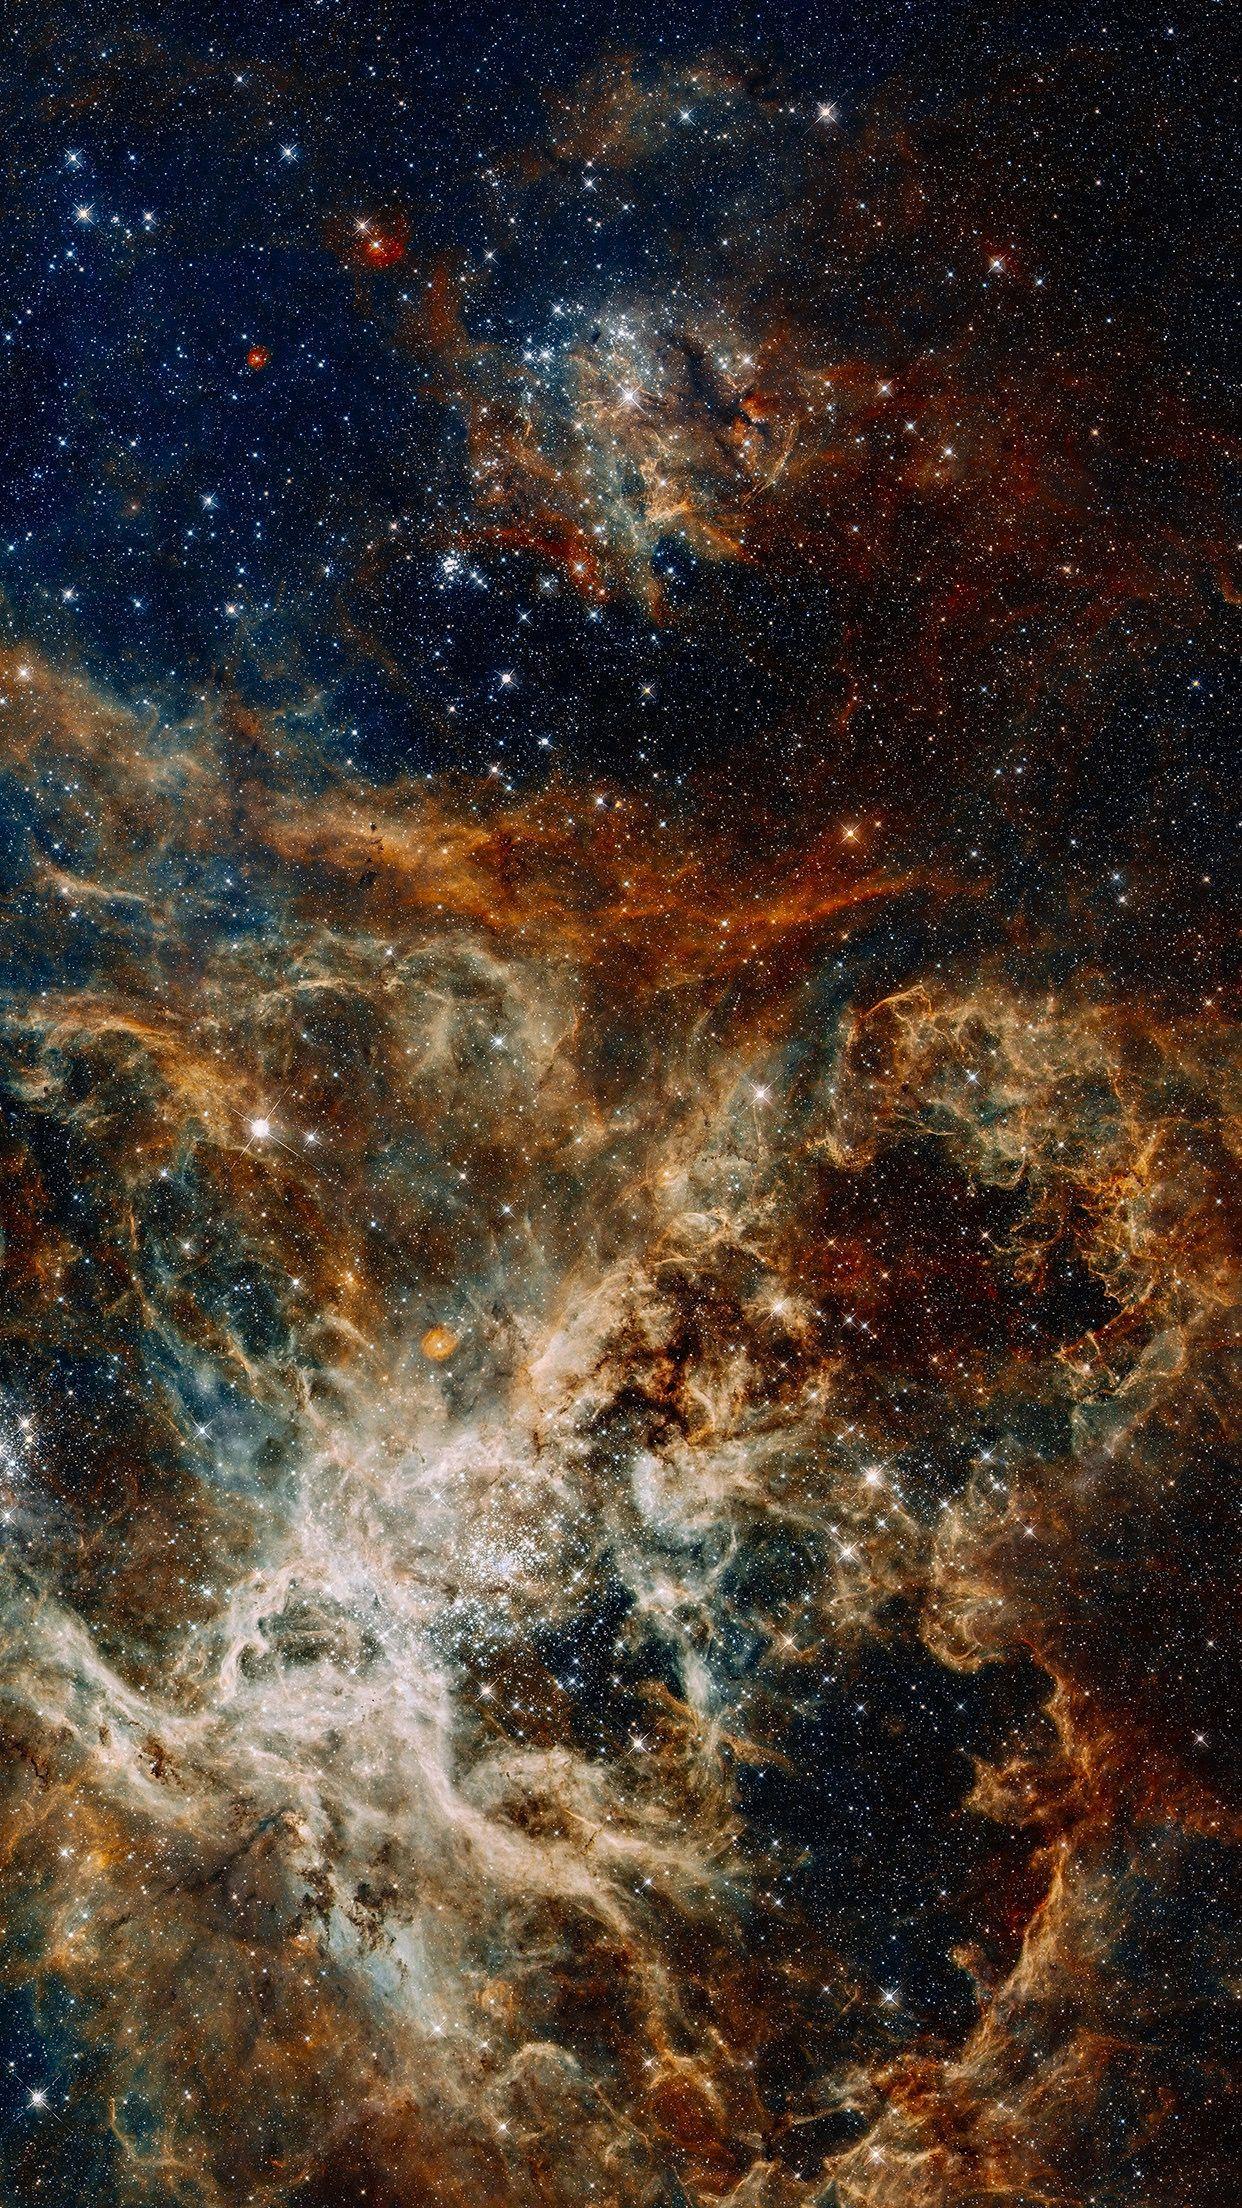 4k Ultra Hd Iphone Xr Wallpaper Mywallpapers Site Astronomi Fotografi Alam Foto Alam